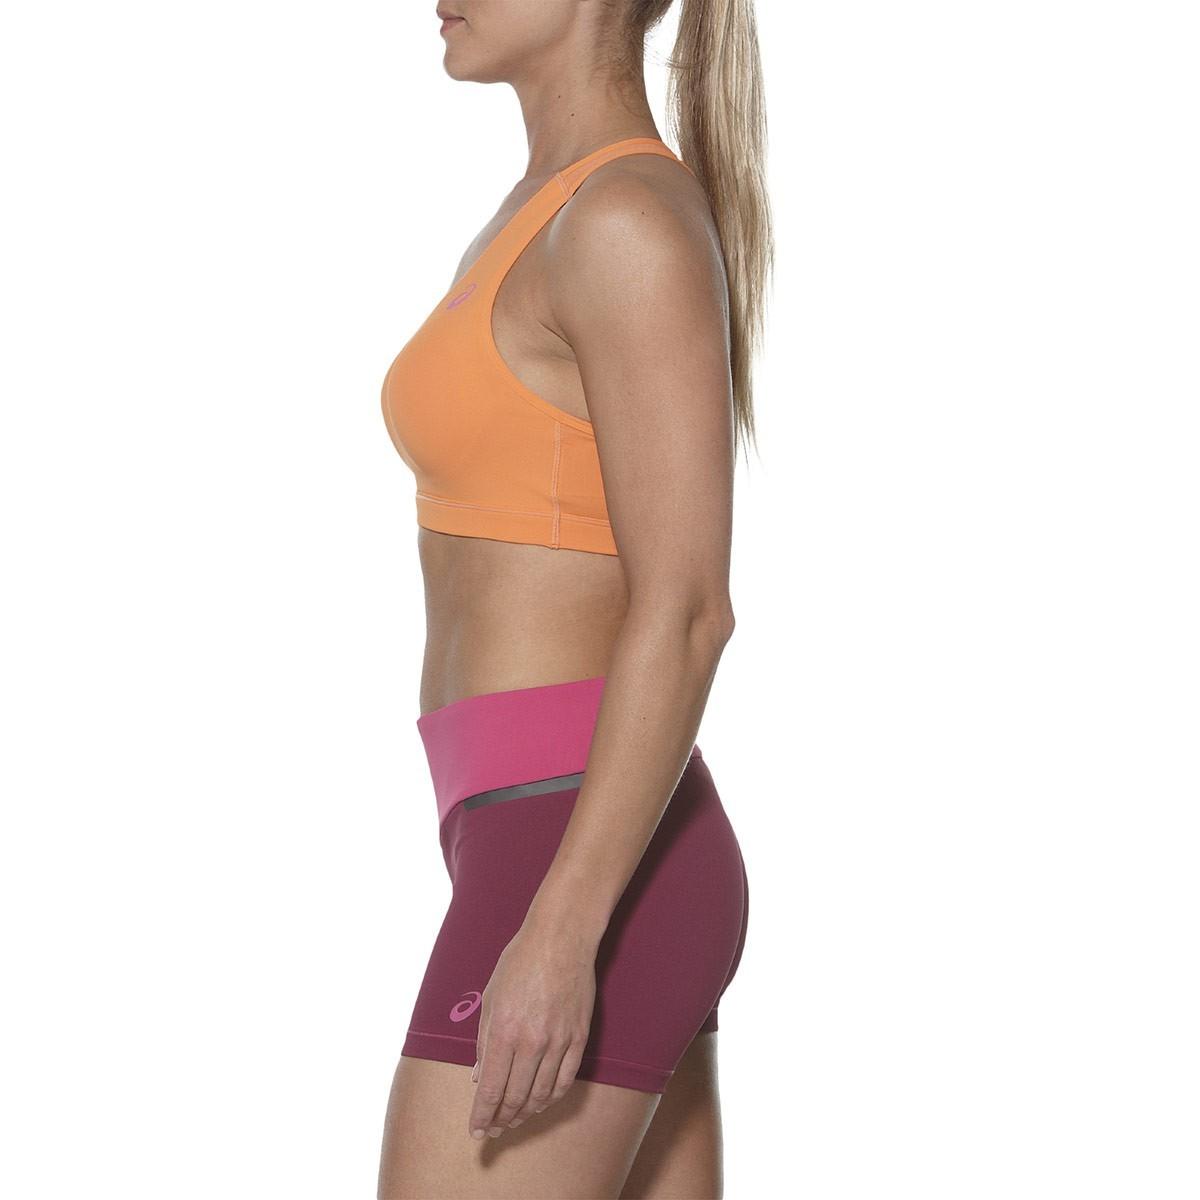 Женский топ для фитнеса Asics Racerback Bra Top (130465 0558) оранжевый фото